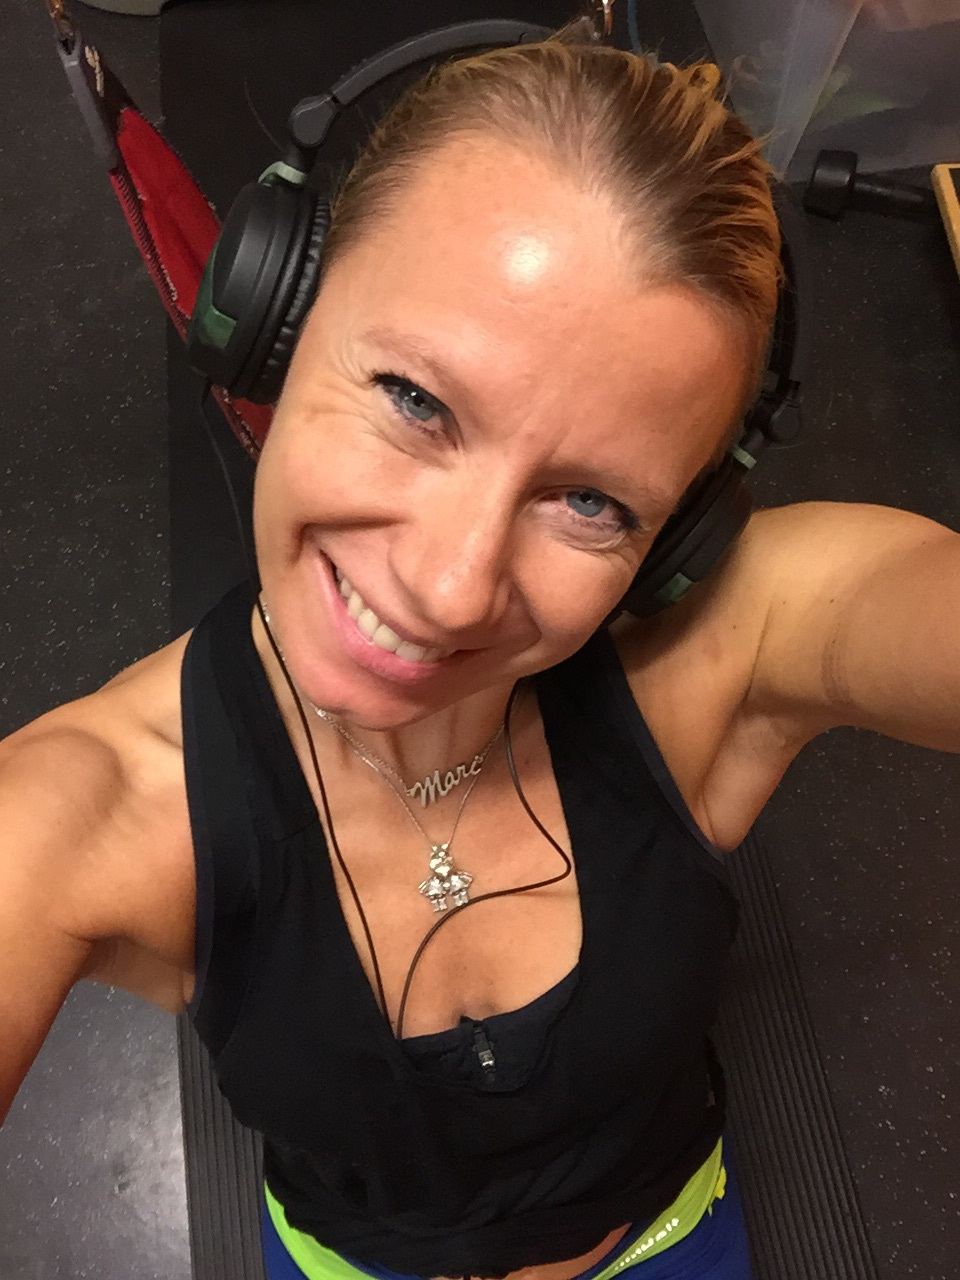 Så fornøyd da jeg fant ut at jeg fortsatt klarer å kjøre push-ups i redcorden!!!